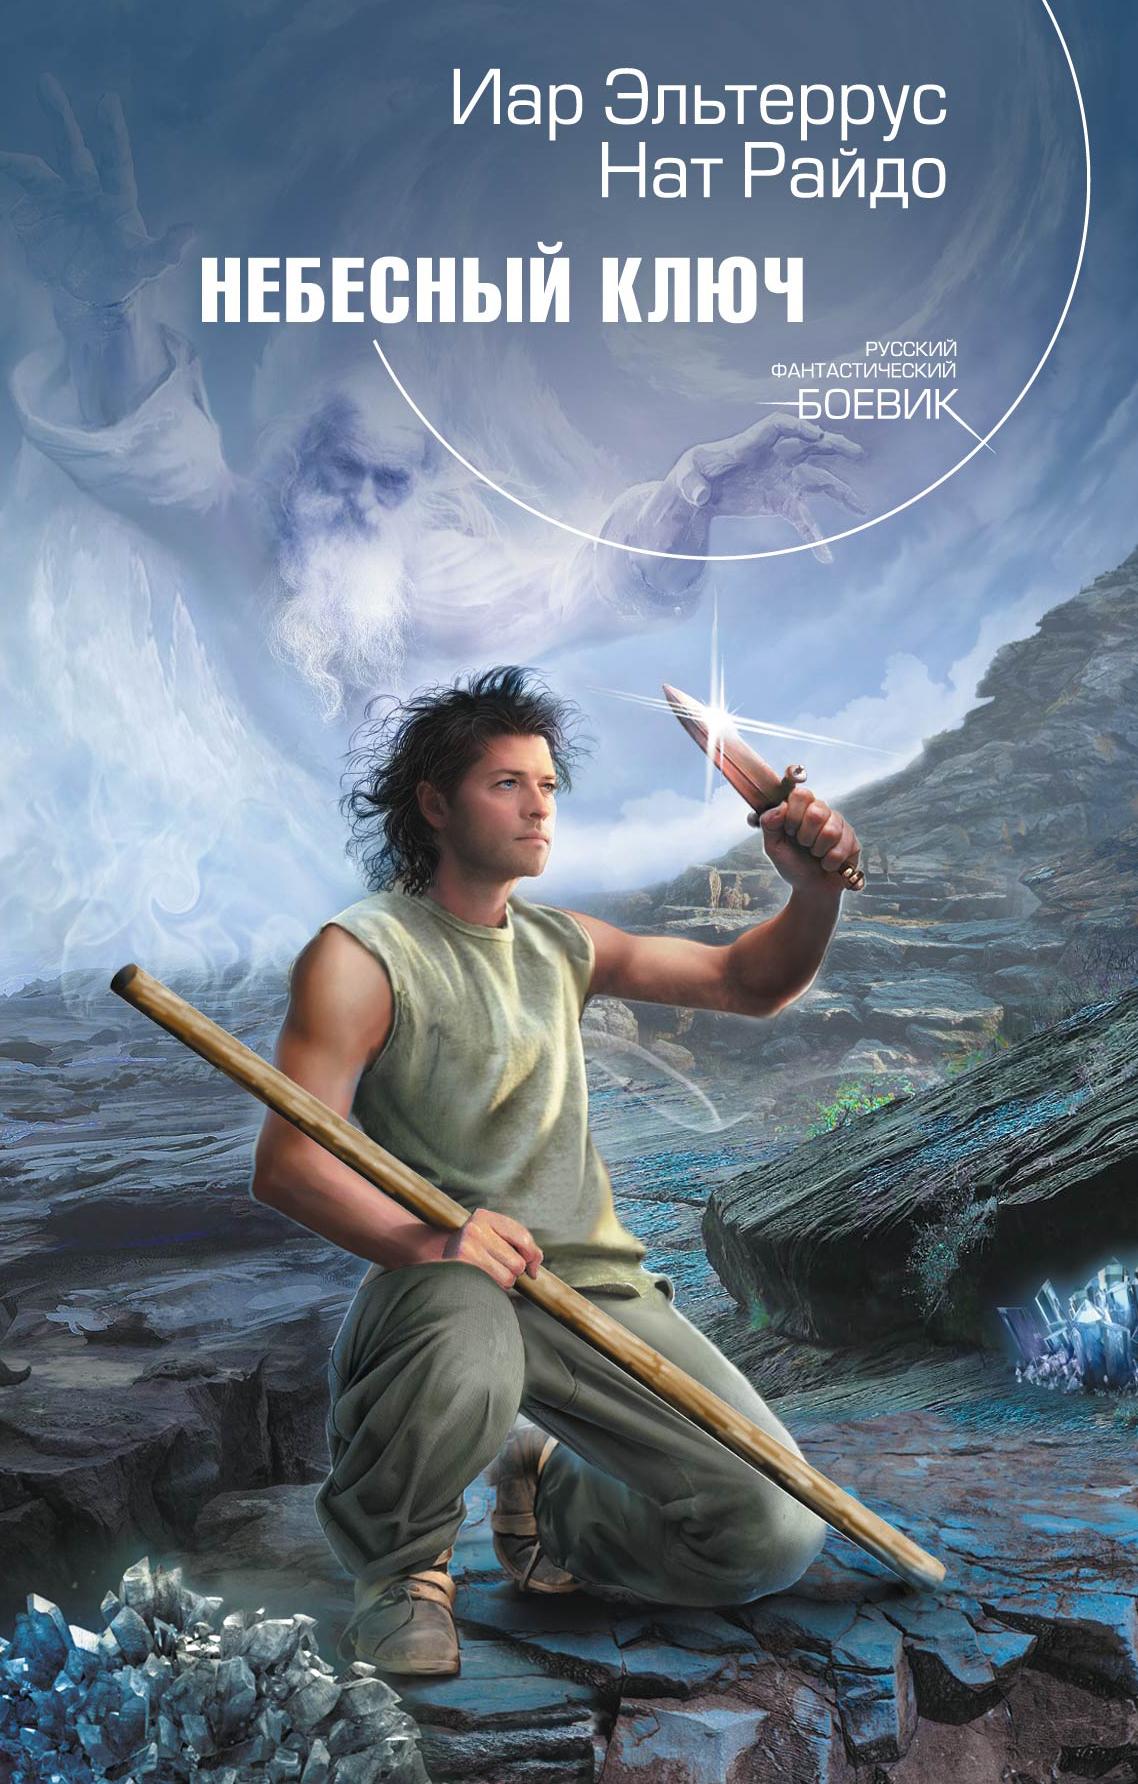 http://fantasy-worlds.org/img/full/184/18449.jpg